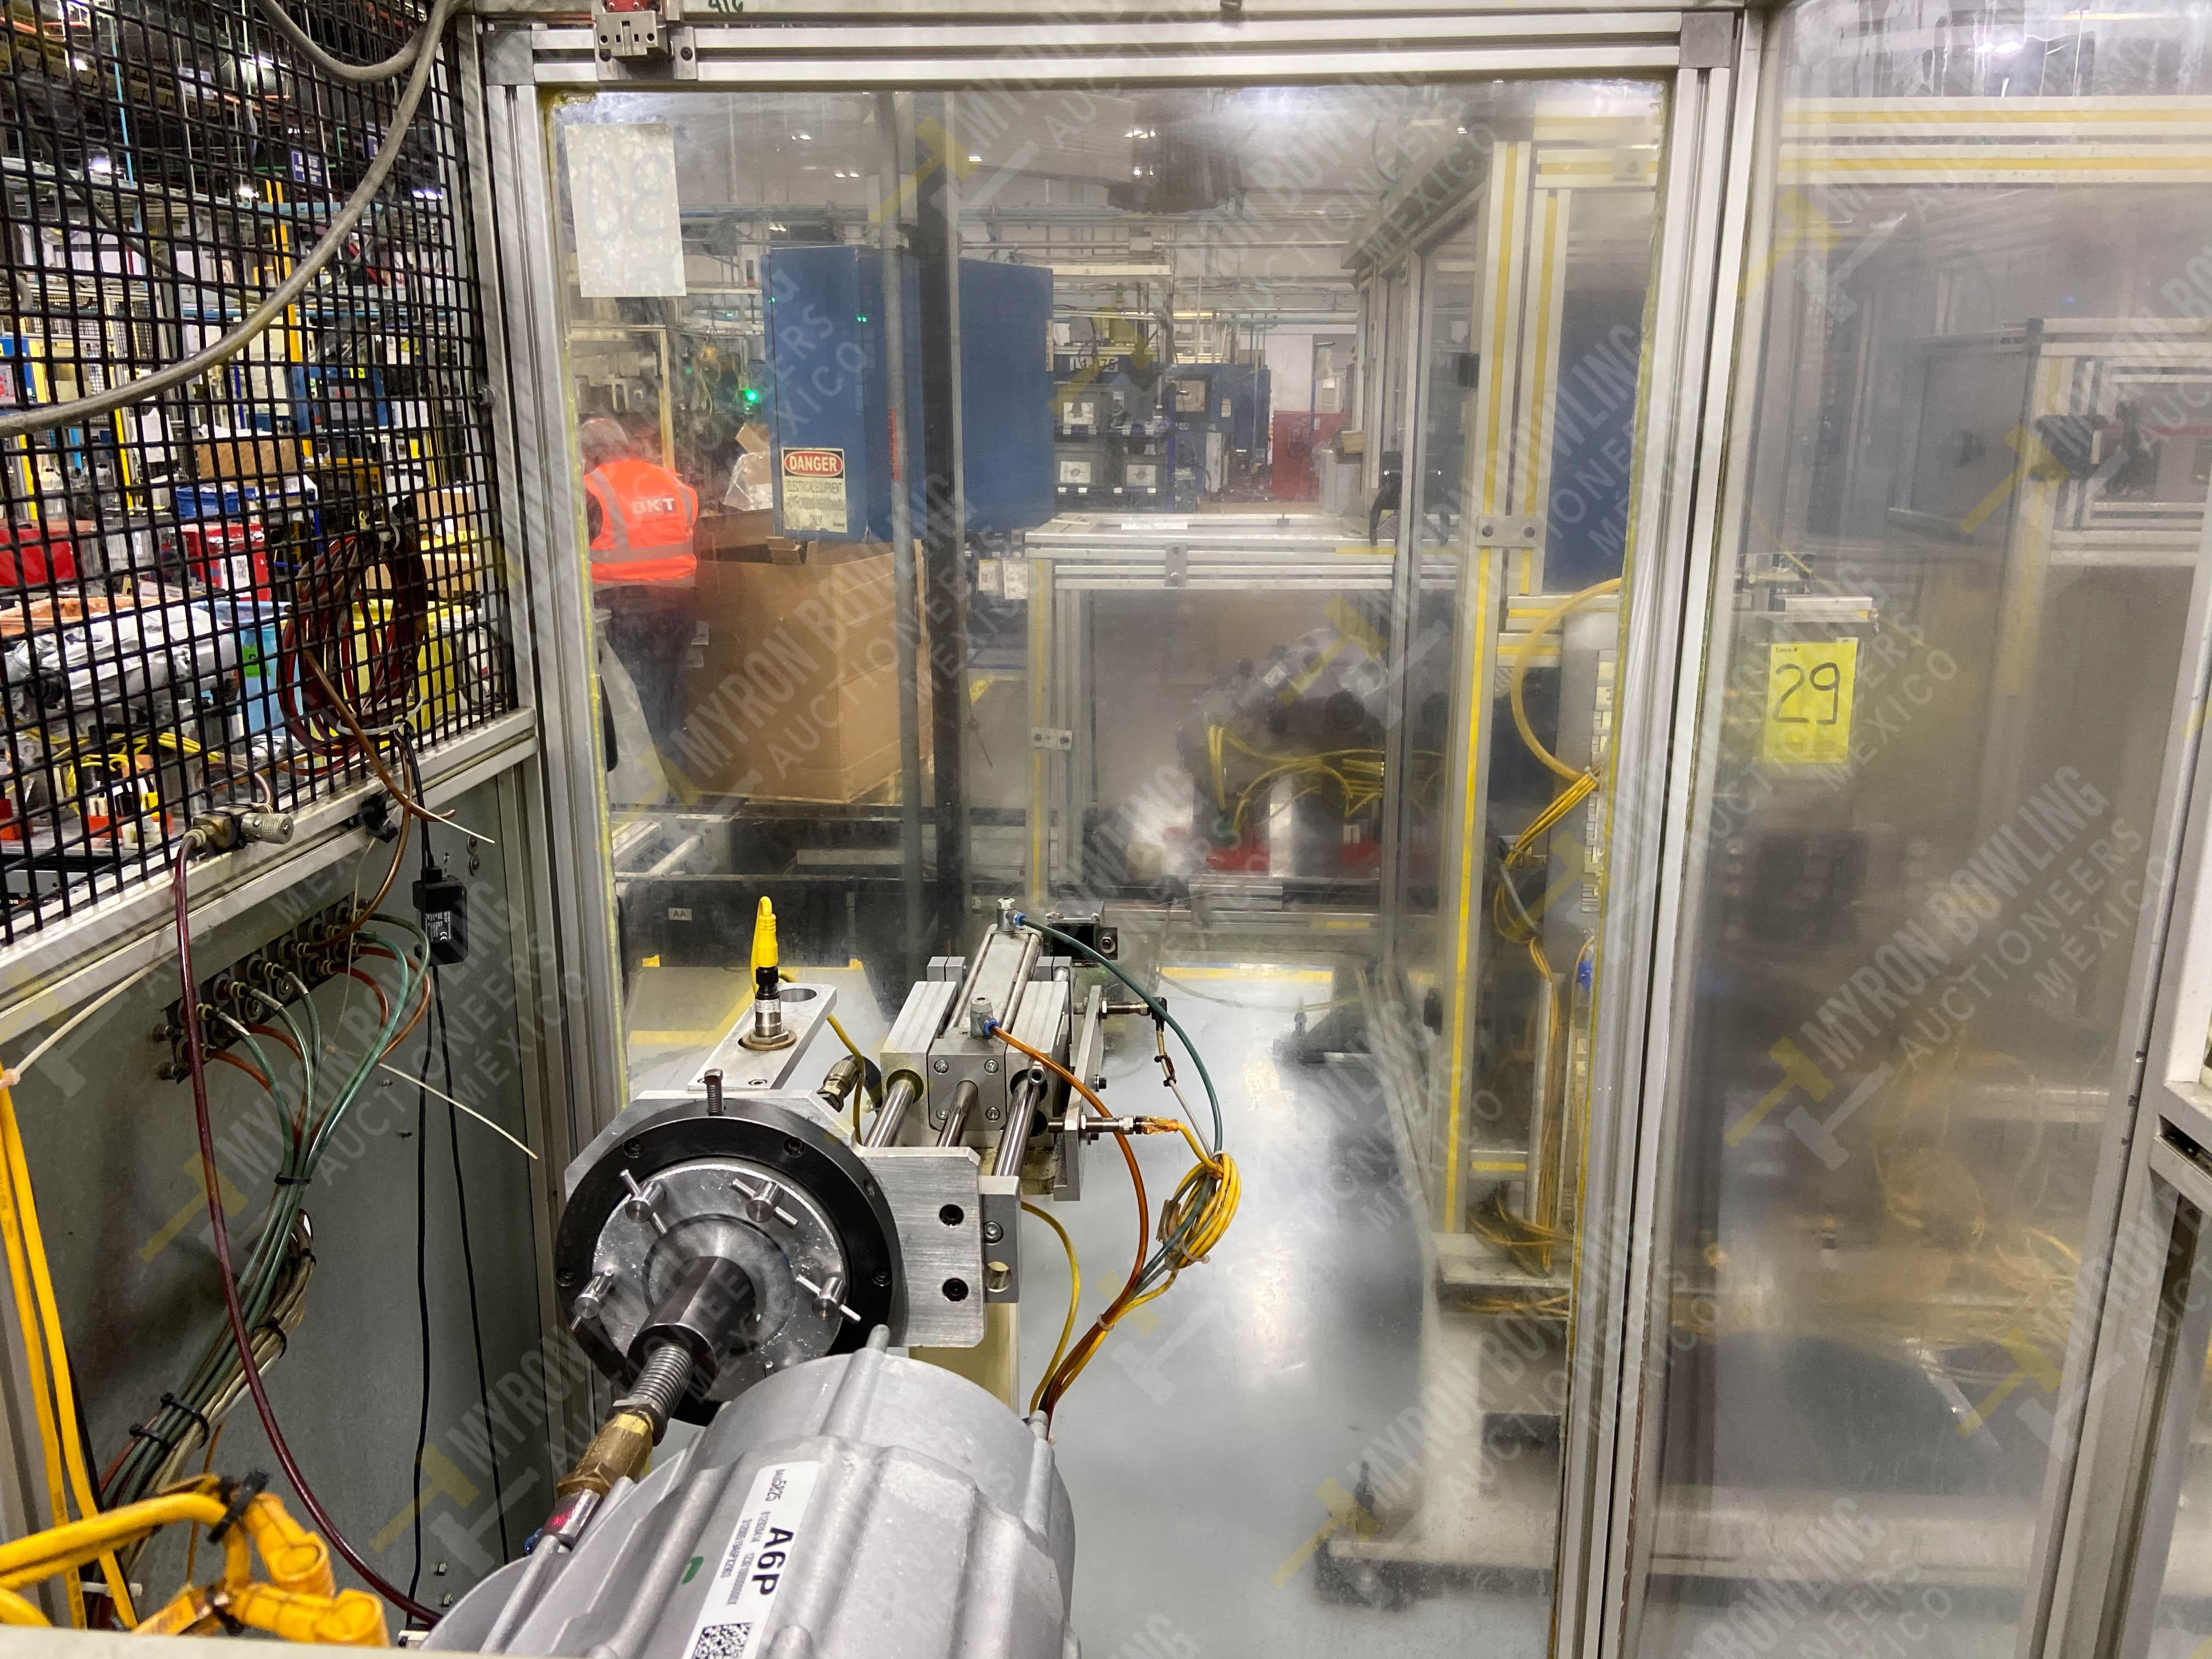 Estación semiautomática para operación 415, contiene: Máquina pesadora de piezas con 1 cilindro - Image 8 of 16